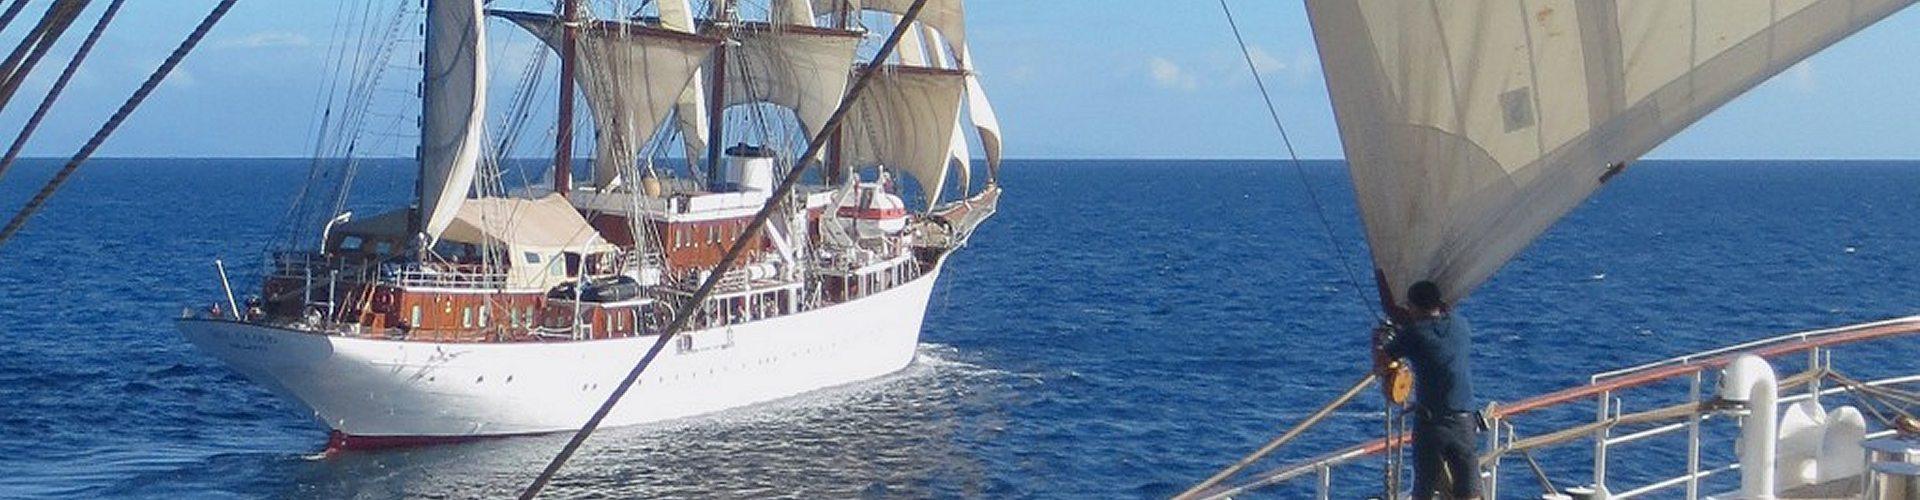 Segelkreuzfahrt - Treffen der Schwesterschiffe